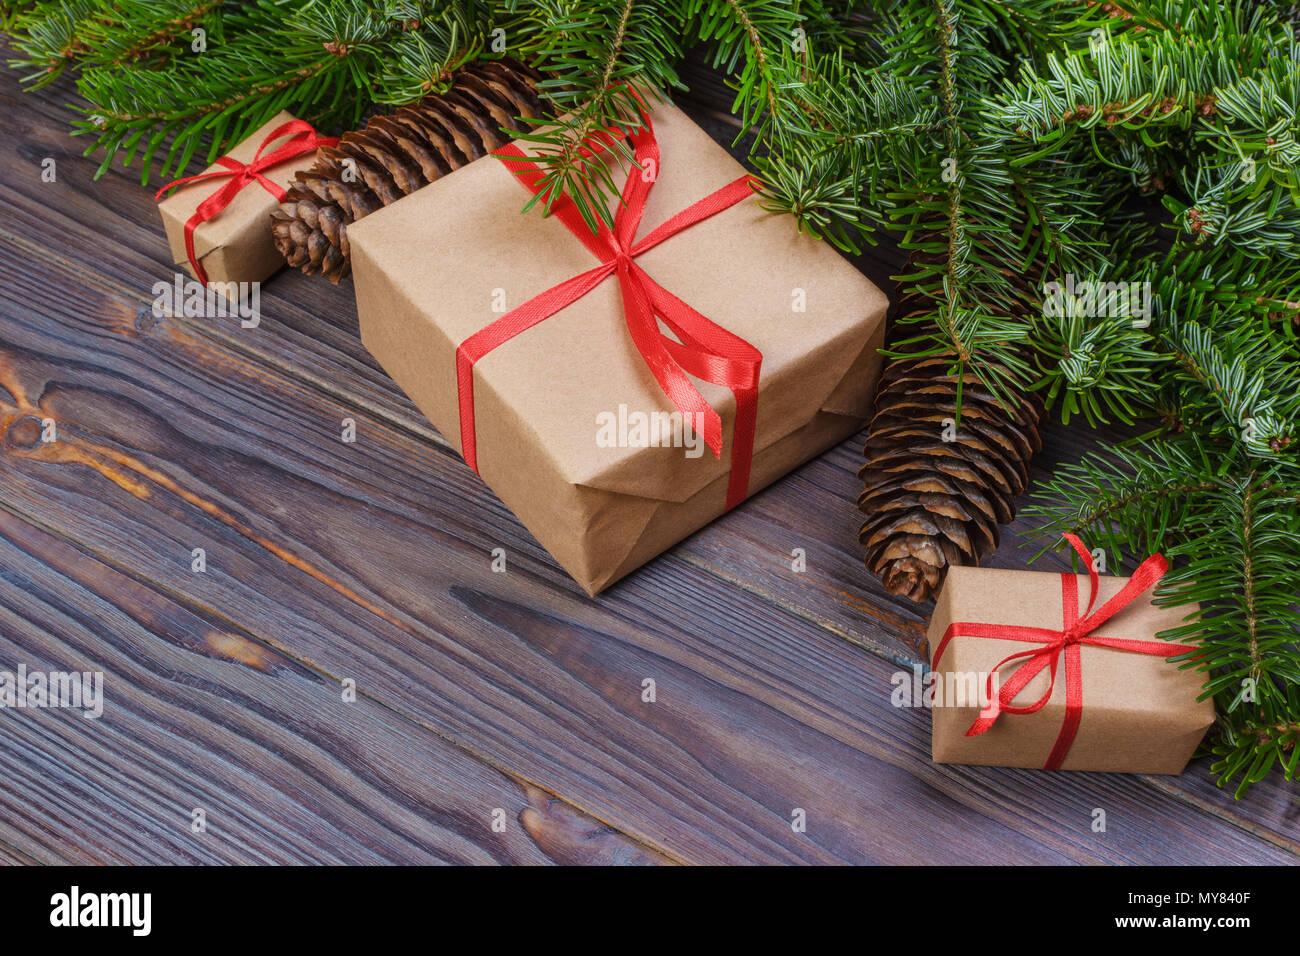 Scatole Per Regali Di Natale.Regalo Di Natale Scatola I Regali Di Natale In Rosso Le Caselle In